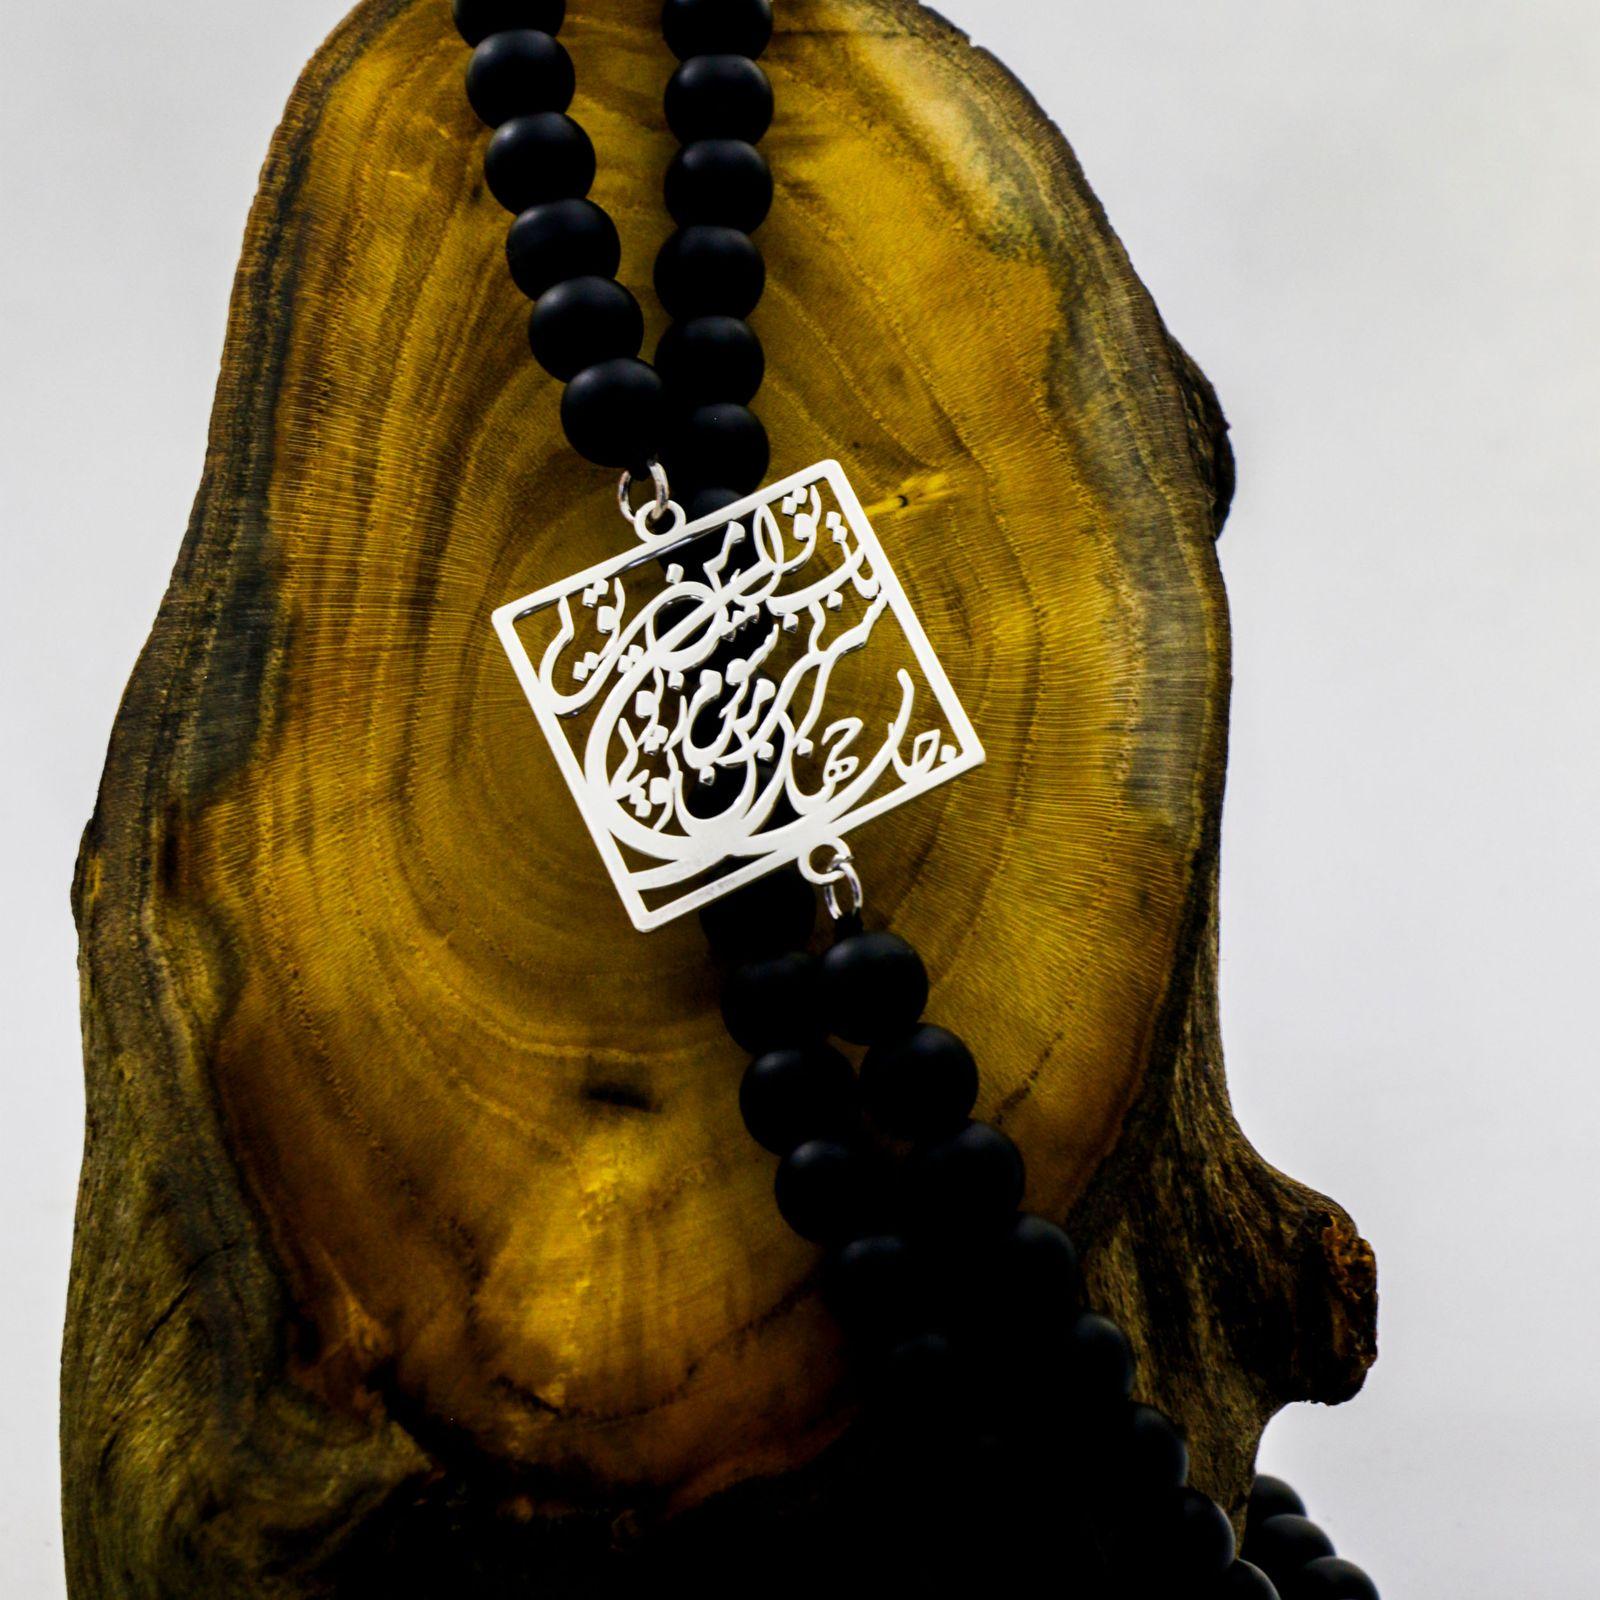 گردنبند نقره زنانه دلی جم طرح گر جان به جان من کنی جان و جهان کد D 56 -  - 4